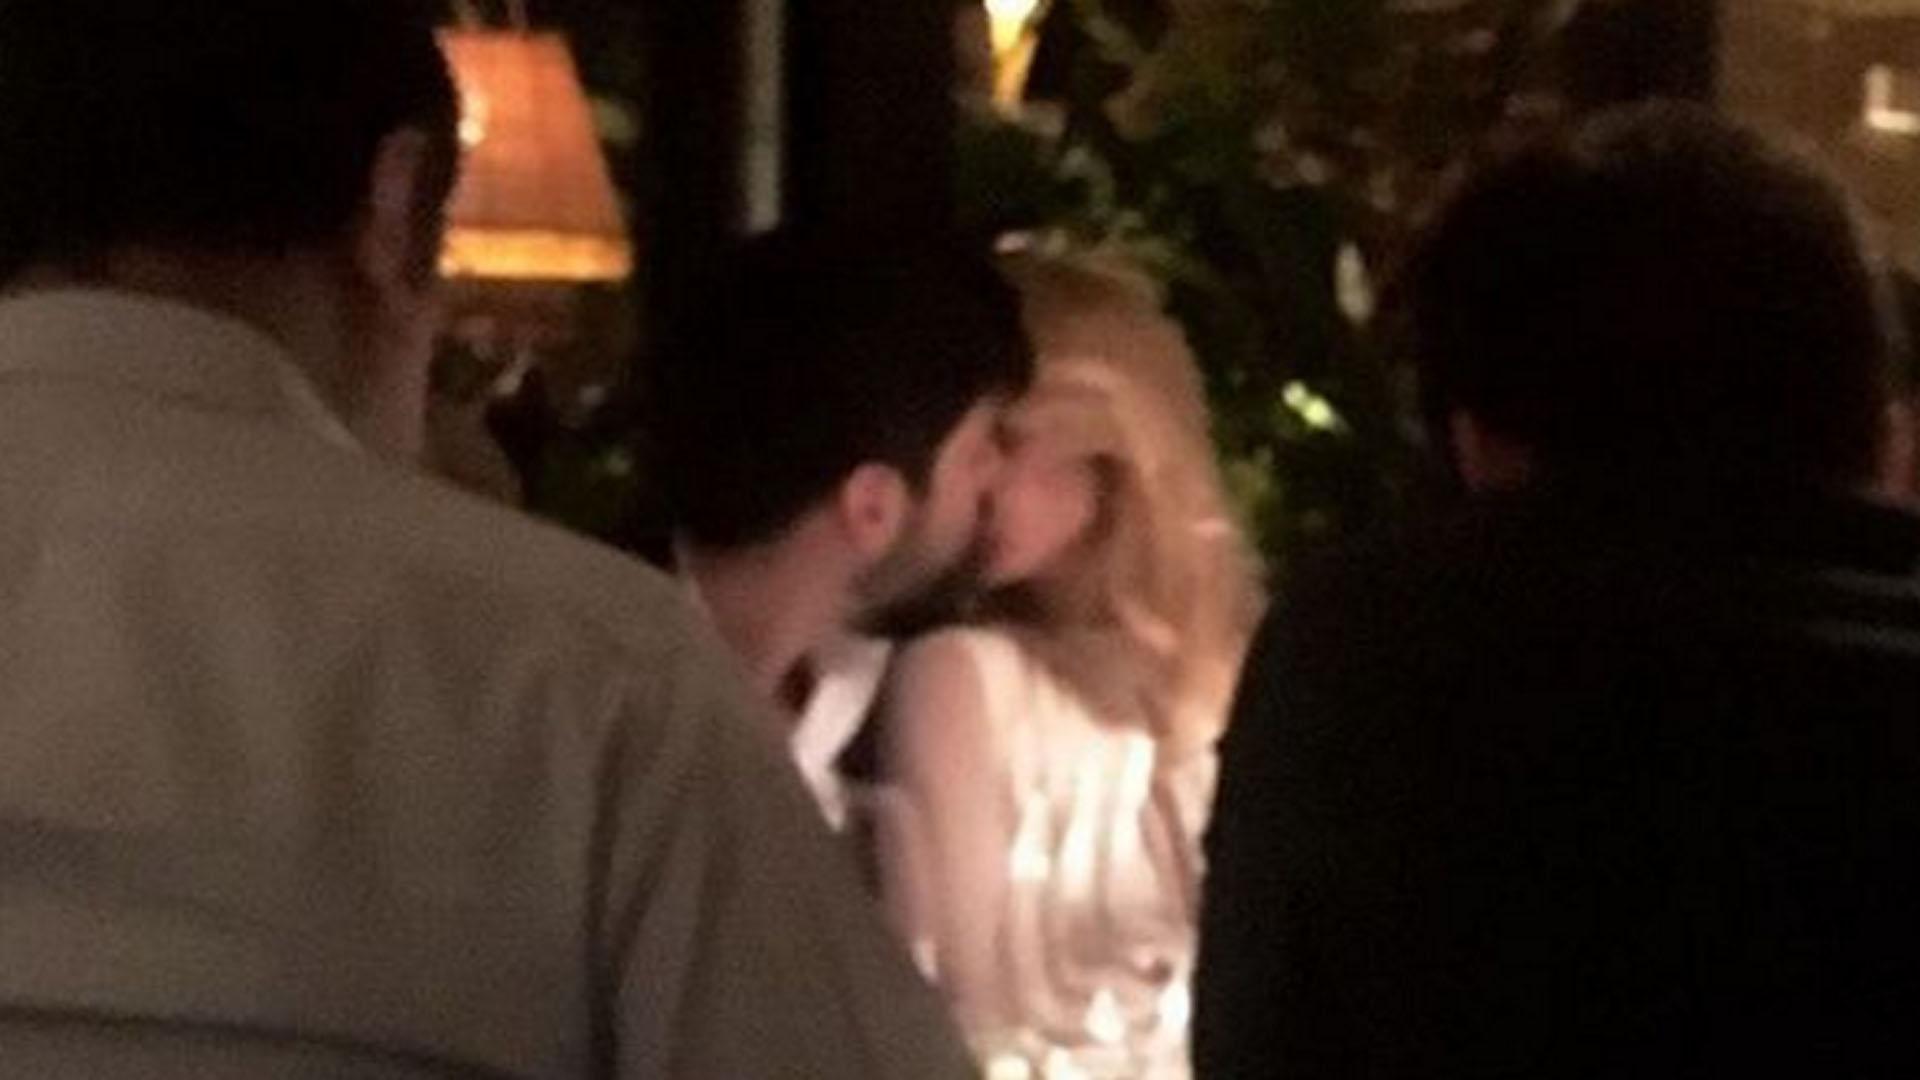 Nicole Neumann y Facundo Moyano se encontraron en Madrid. La modelo y el diputado fueron a cenar y se mostraron muy acaramelados ¡Romance confirmado!